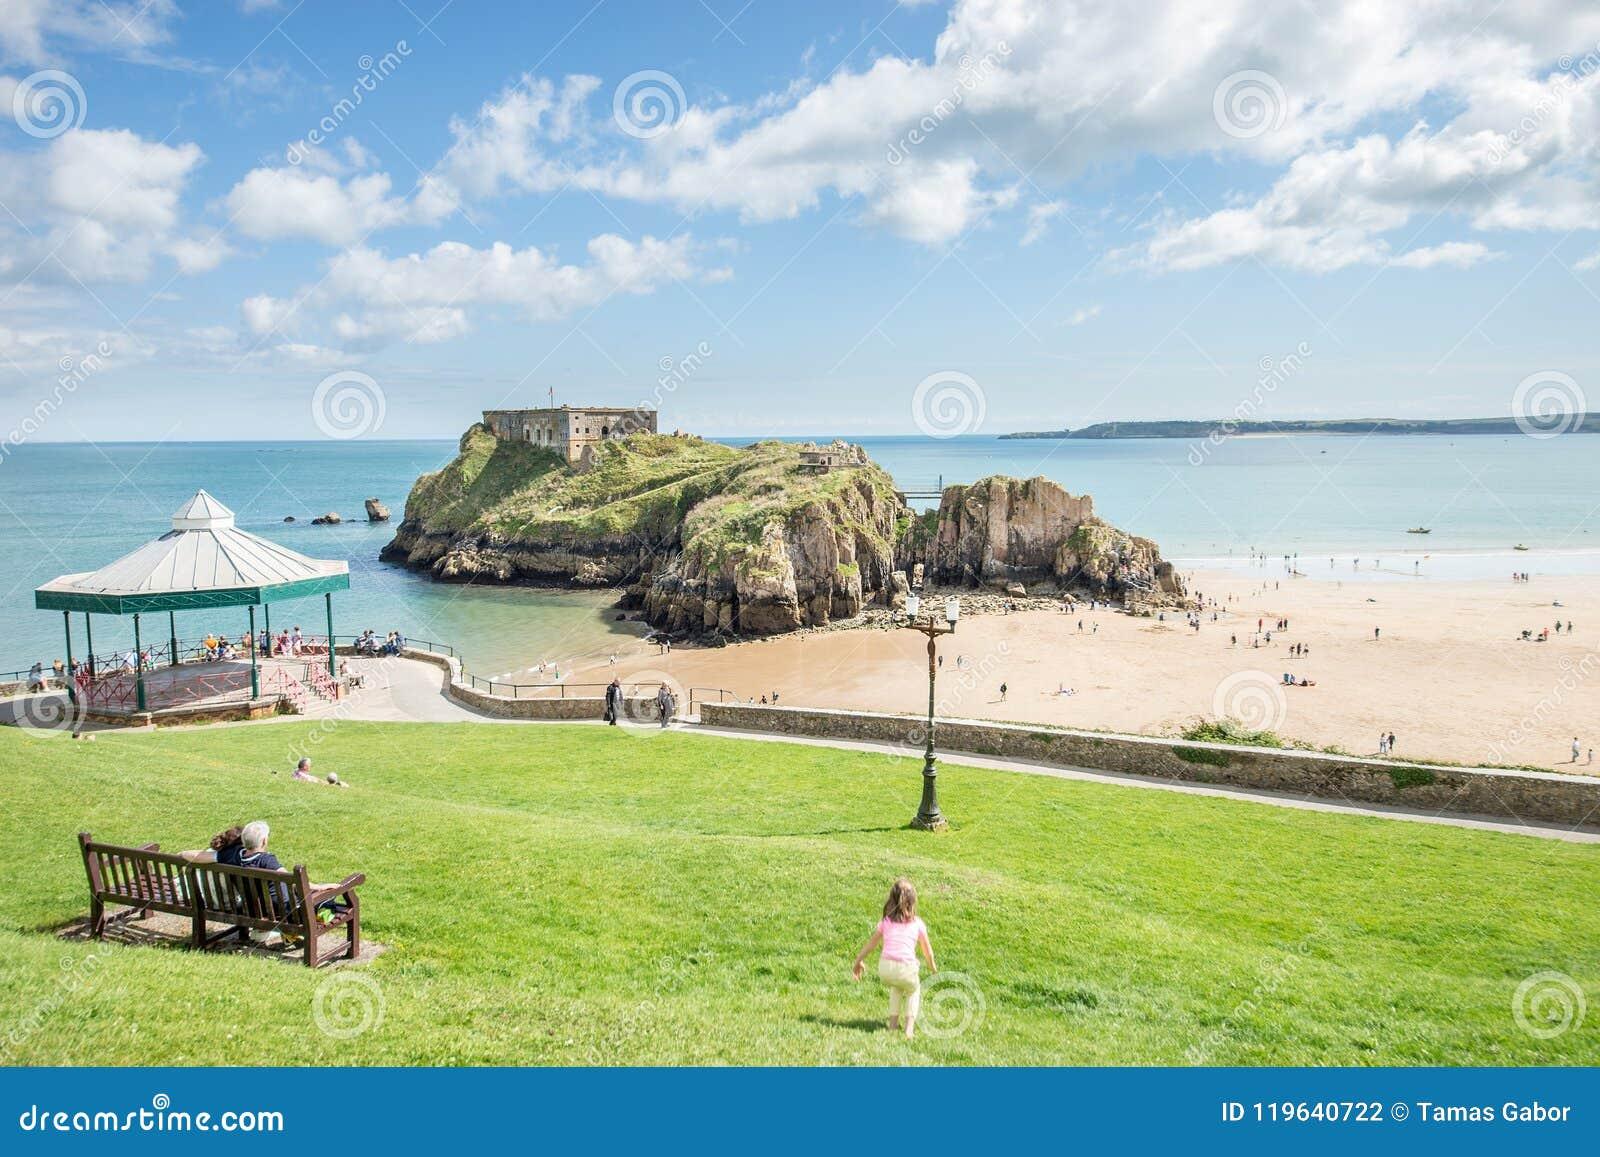 Tenby, Wales - Augustus 12, 2017: Mensen die van hun tijd bij Tenby-Kasteelruïnes en zandige strandmening genieten at low tide ti